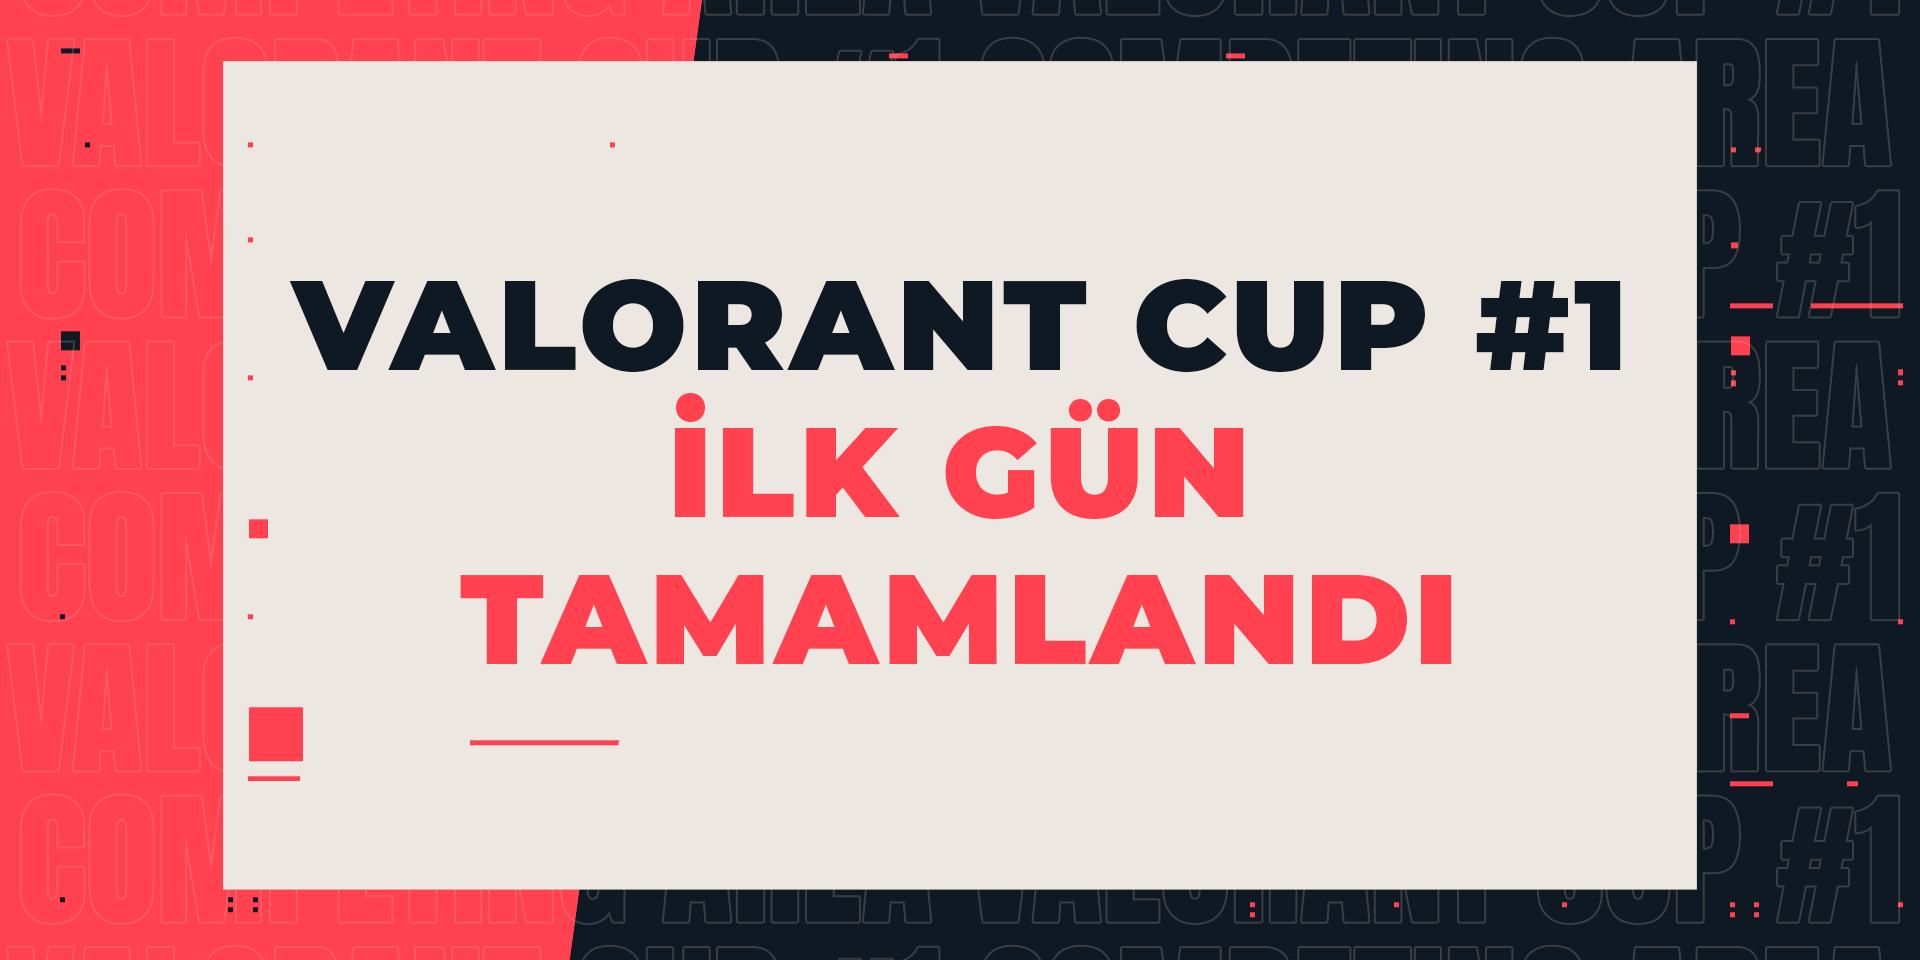 Valorant Cup #1 İlk Gün Tamamlandı!